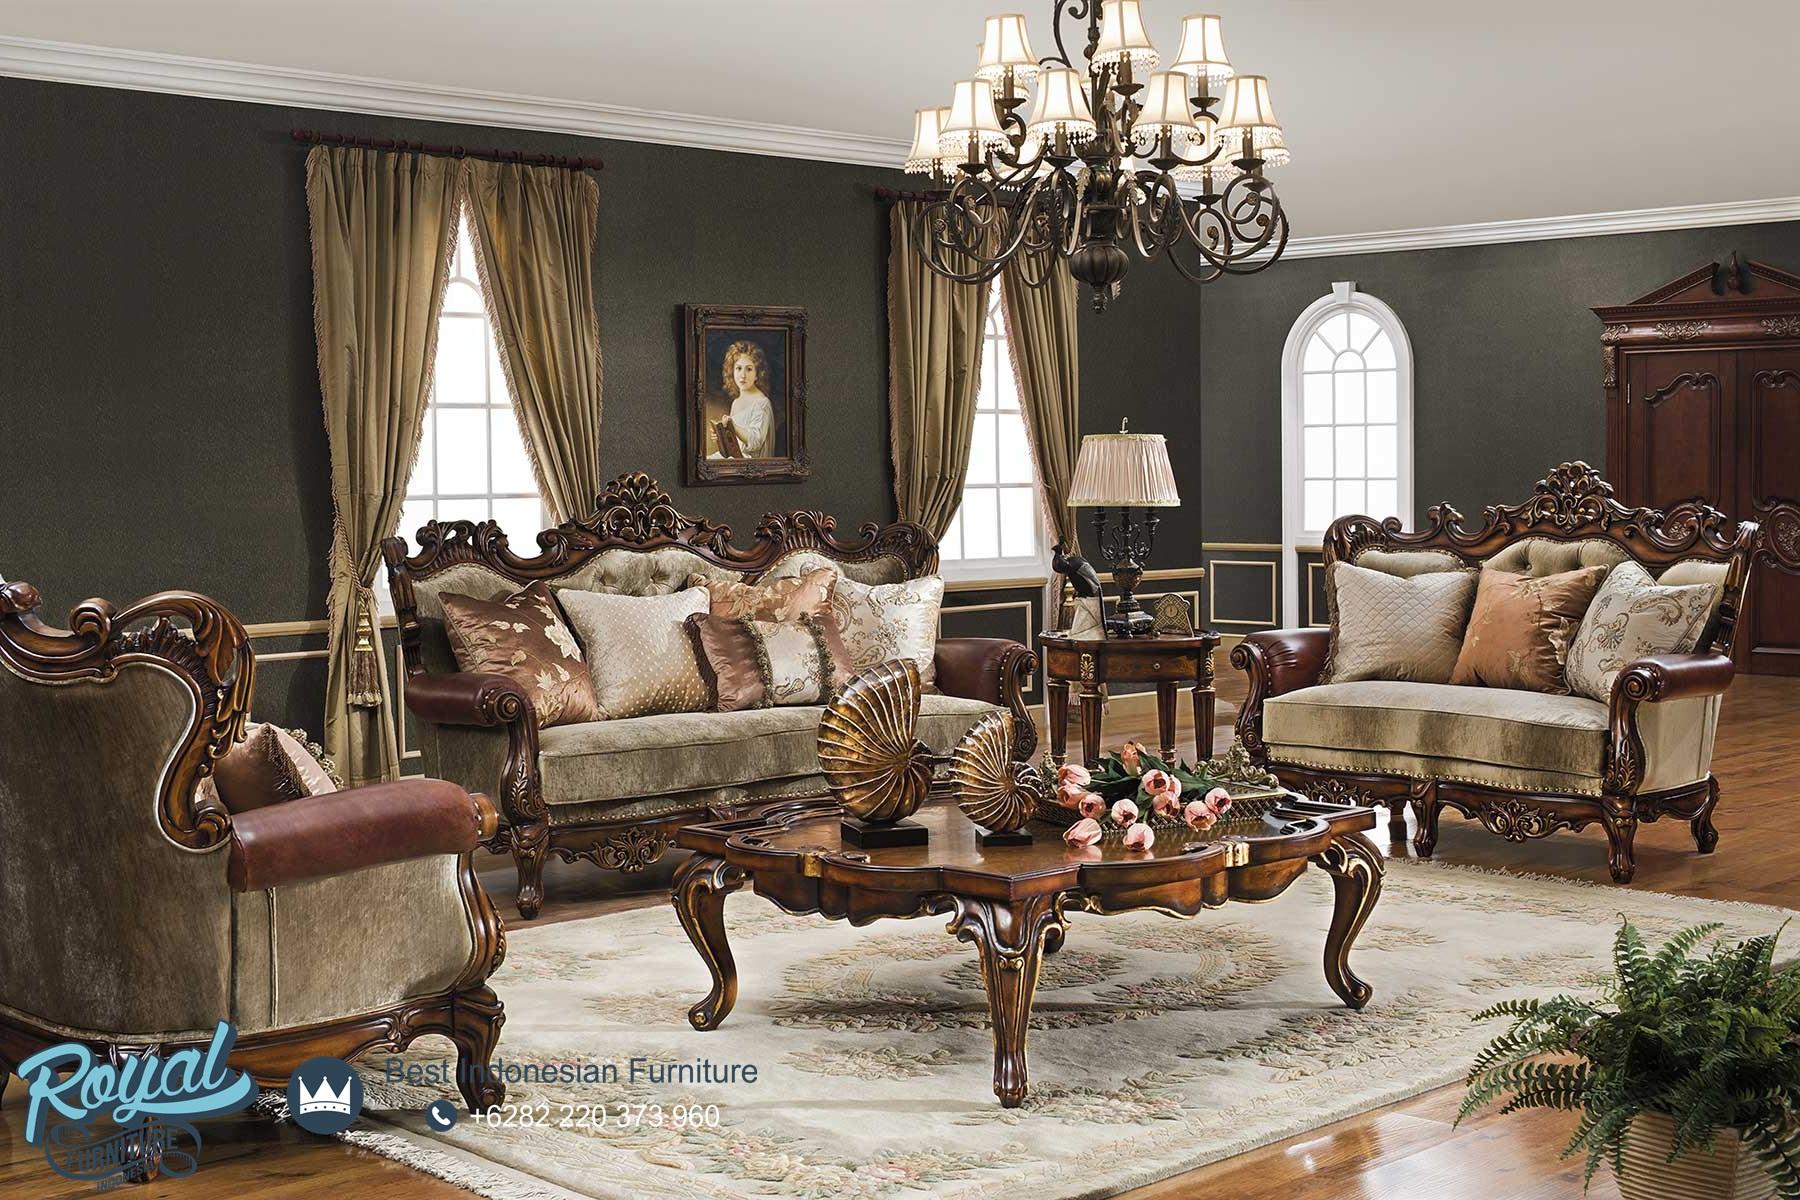 Model Sofa Tamu Jati Jepara Terbaru Ukiran Klasik Antique Caesar, sofa tamu kayu jati ukiran jepara, sofa tamu mewah terbaru, sofa tamu jepara terbaru, kursi tamu ukir jepara terbaru, harga sofa tamu jati ukiran jepara, sofa ruang tamu mewah modern, sofa mewah modern jepara, sofa mewah minimalis terbaru, kursi tamu mewah modern, harga sofa ruang tamu mewah, set sofa tamu mewah, set sofa tamu klasik, kursi tamu classic ukiran jepara, furniture sofa tamu jepara, toko furniture jepara, showroom furniture jepara, furniture jepara store, mebel jepara klasik, jual kursi tamu sofa mewah terbaru 2020, kursi tamu mewah harga kualitas terbaik, royal furniture